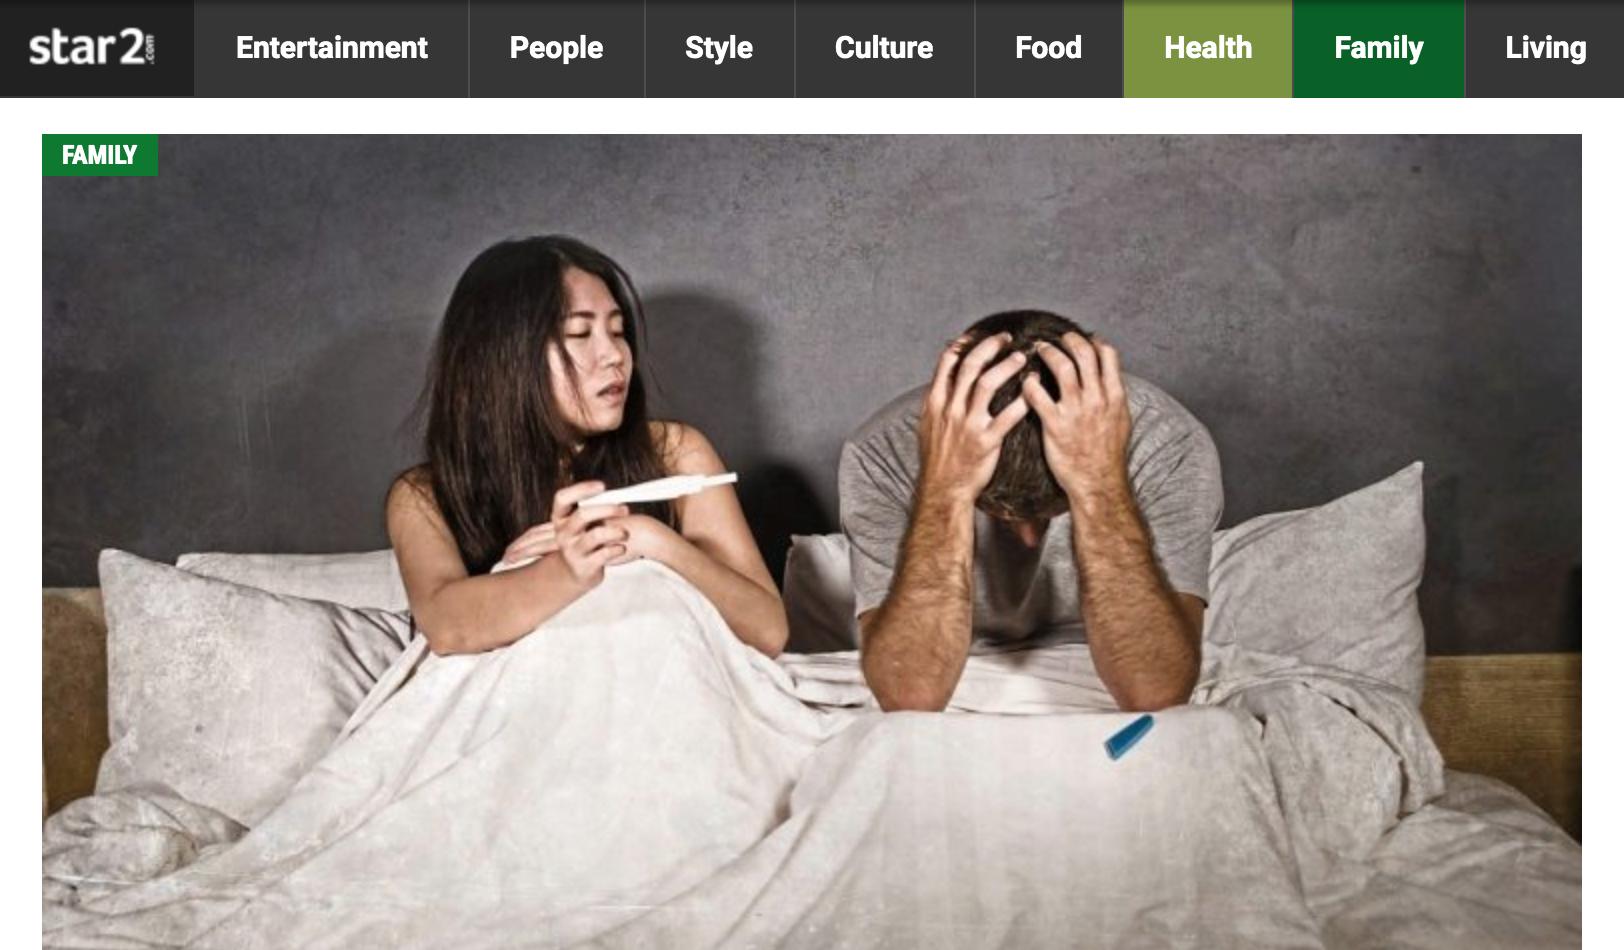 Top 5 Fertility Questions Men Ask About Infertility ?